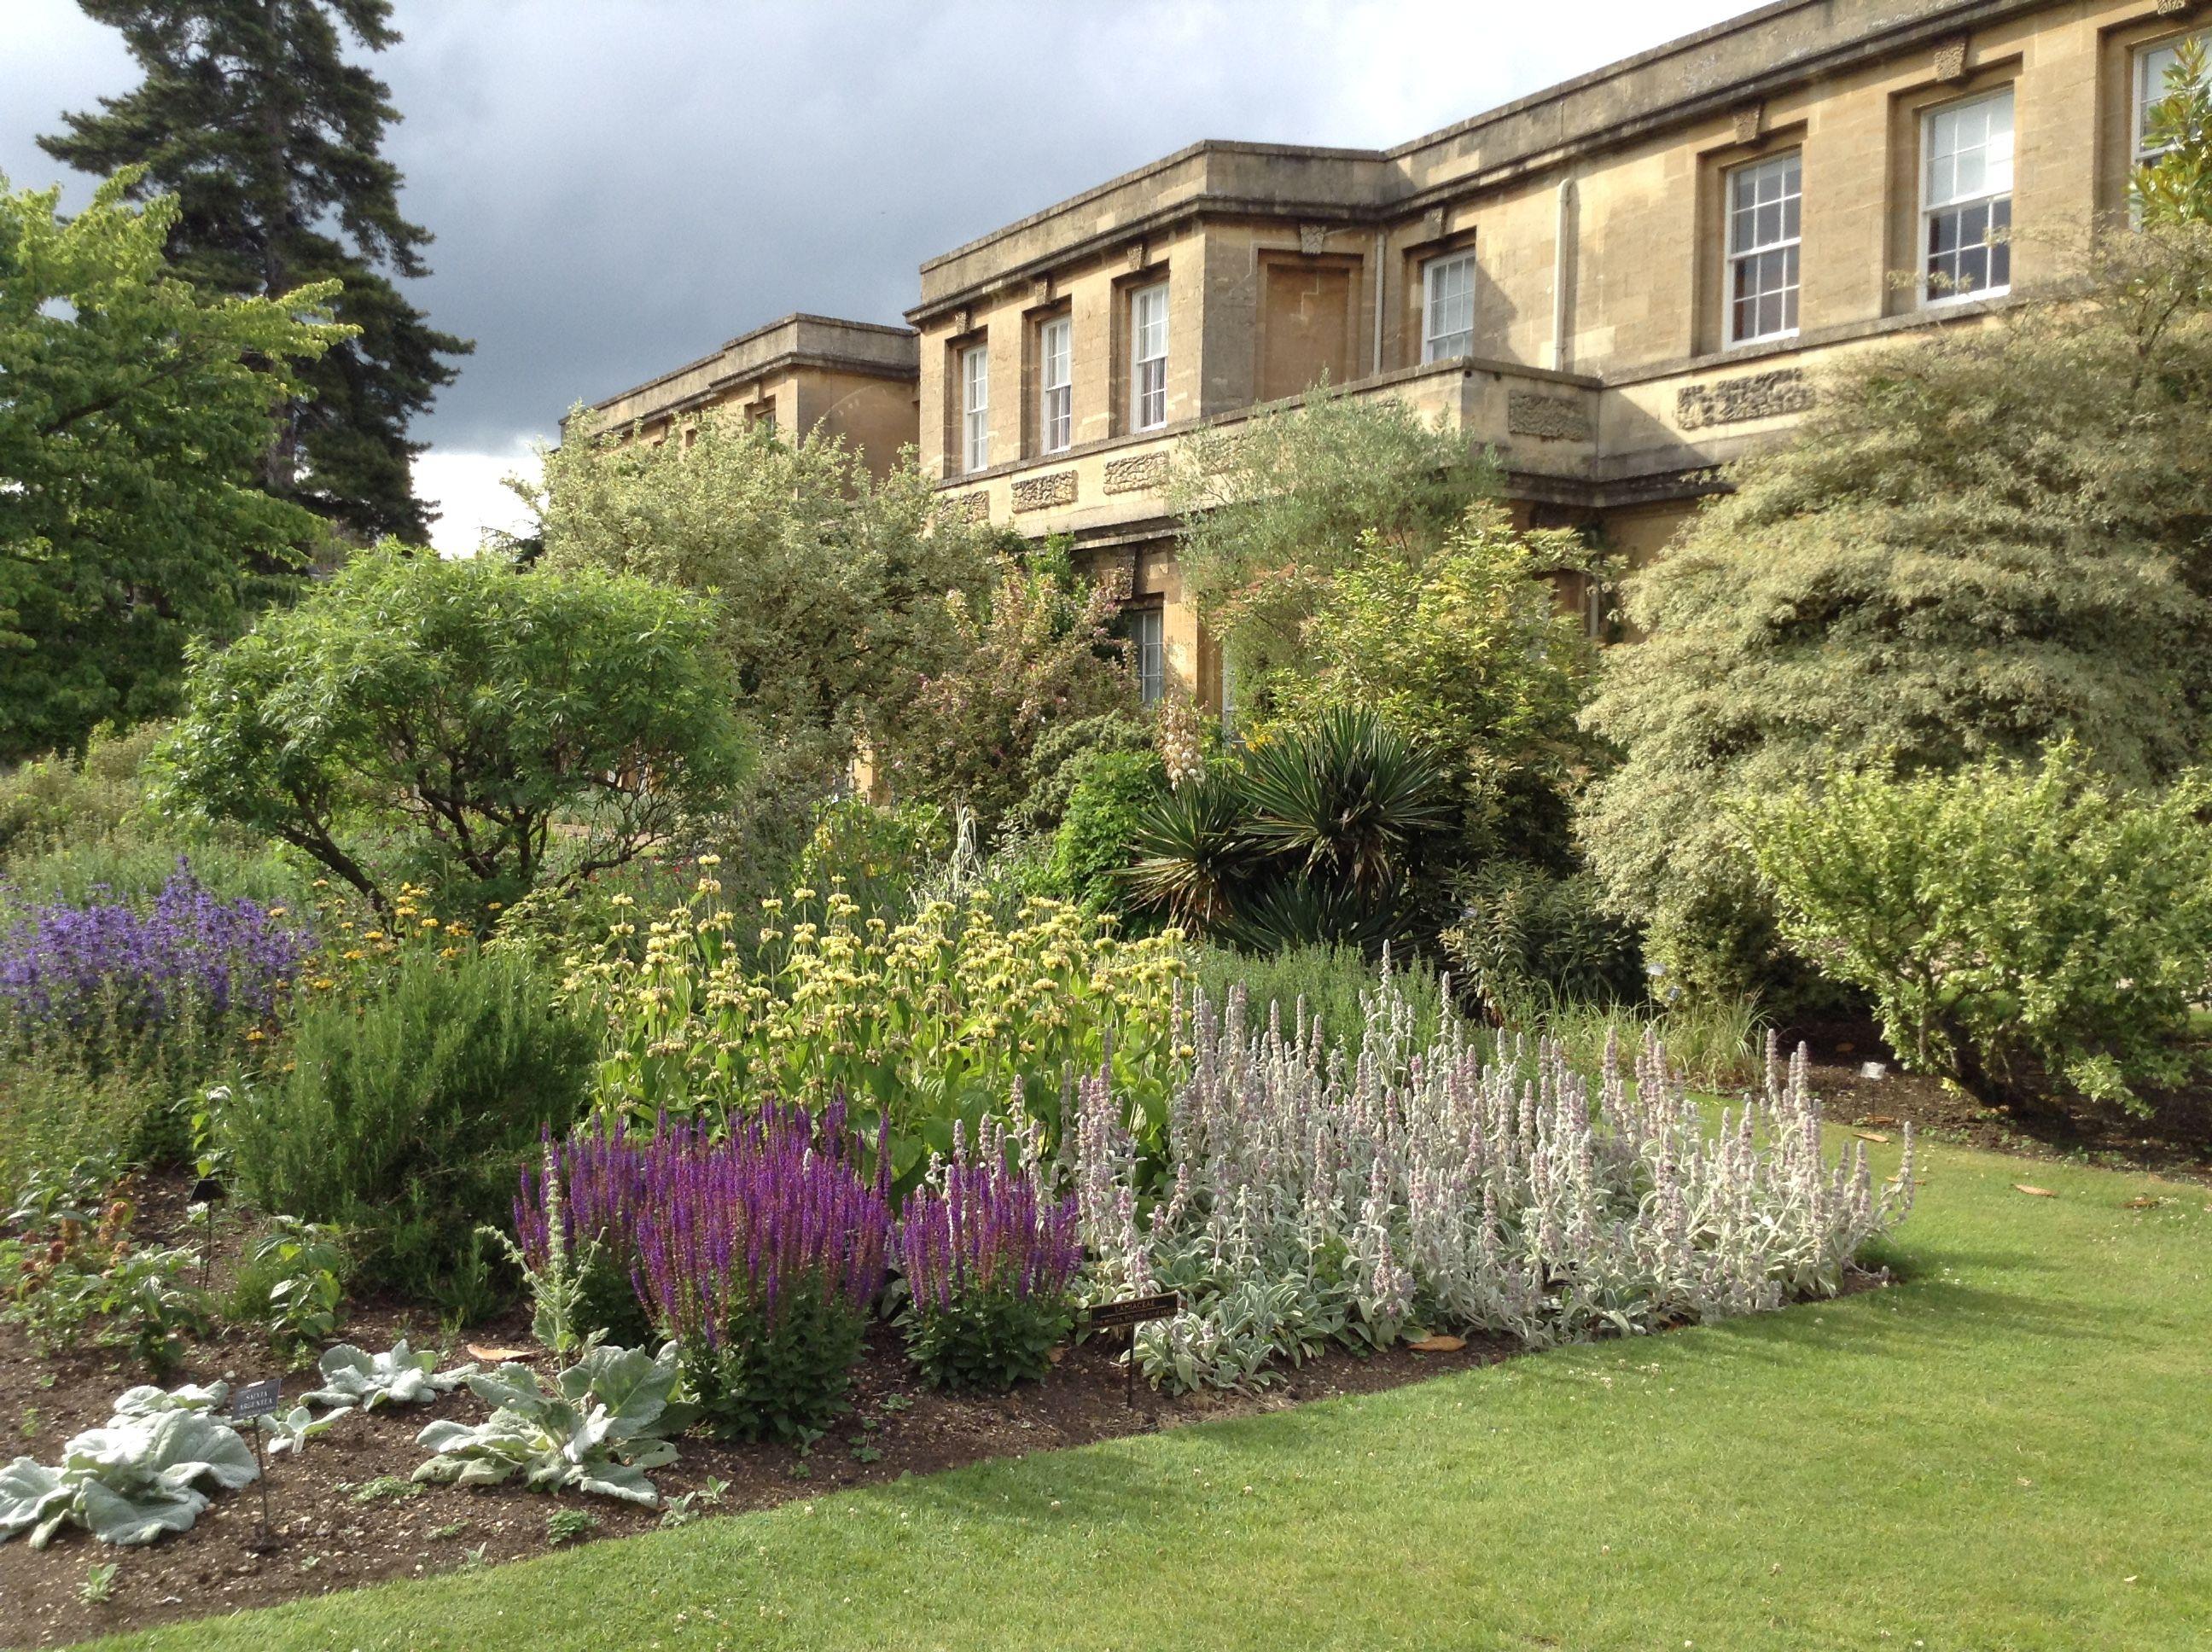 Jardín Botánico de la Universidad de Oxford, el más antiguo del Reino Unido.